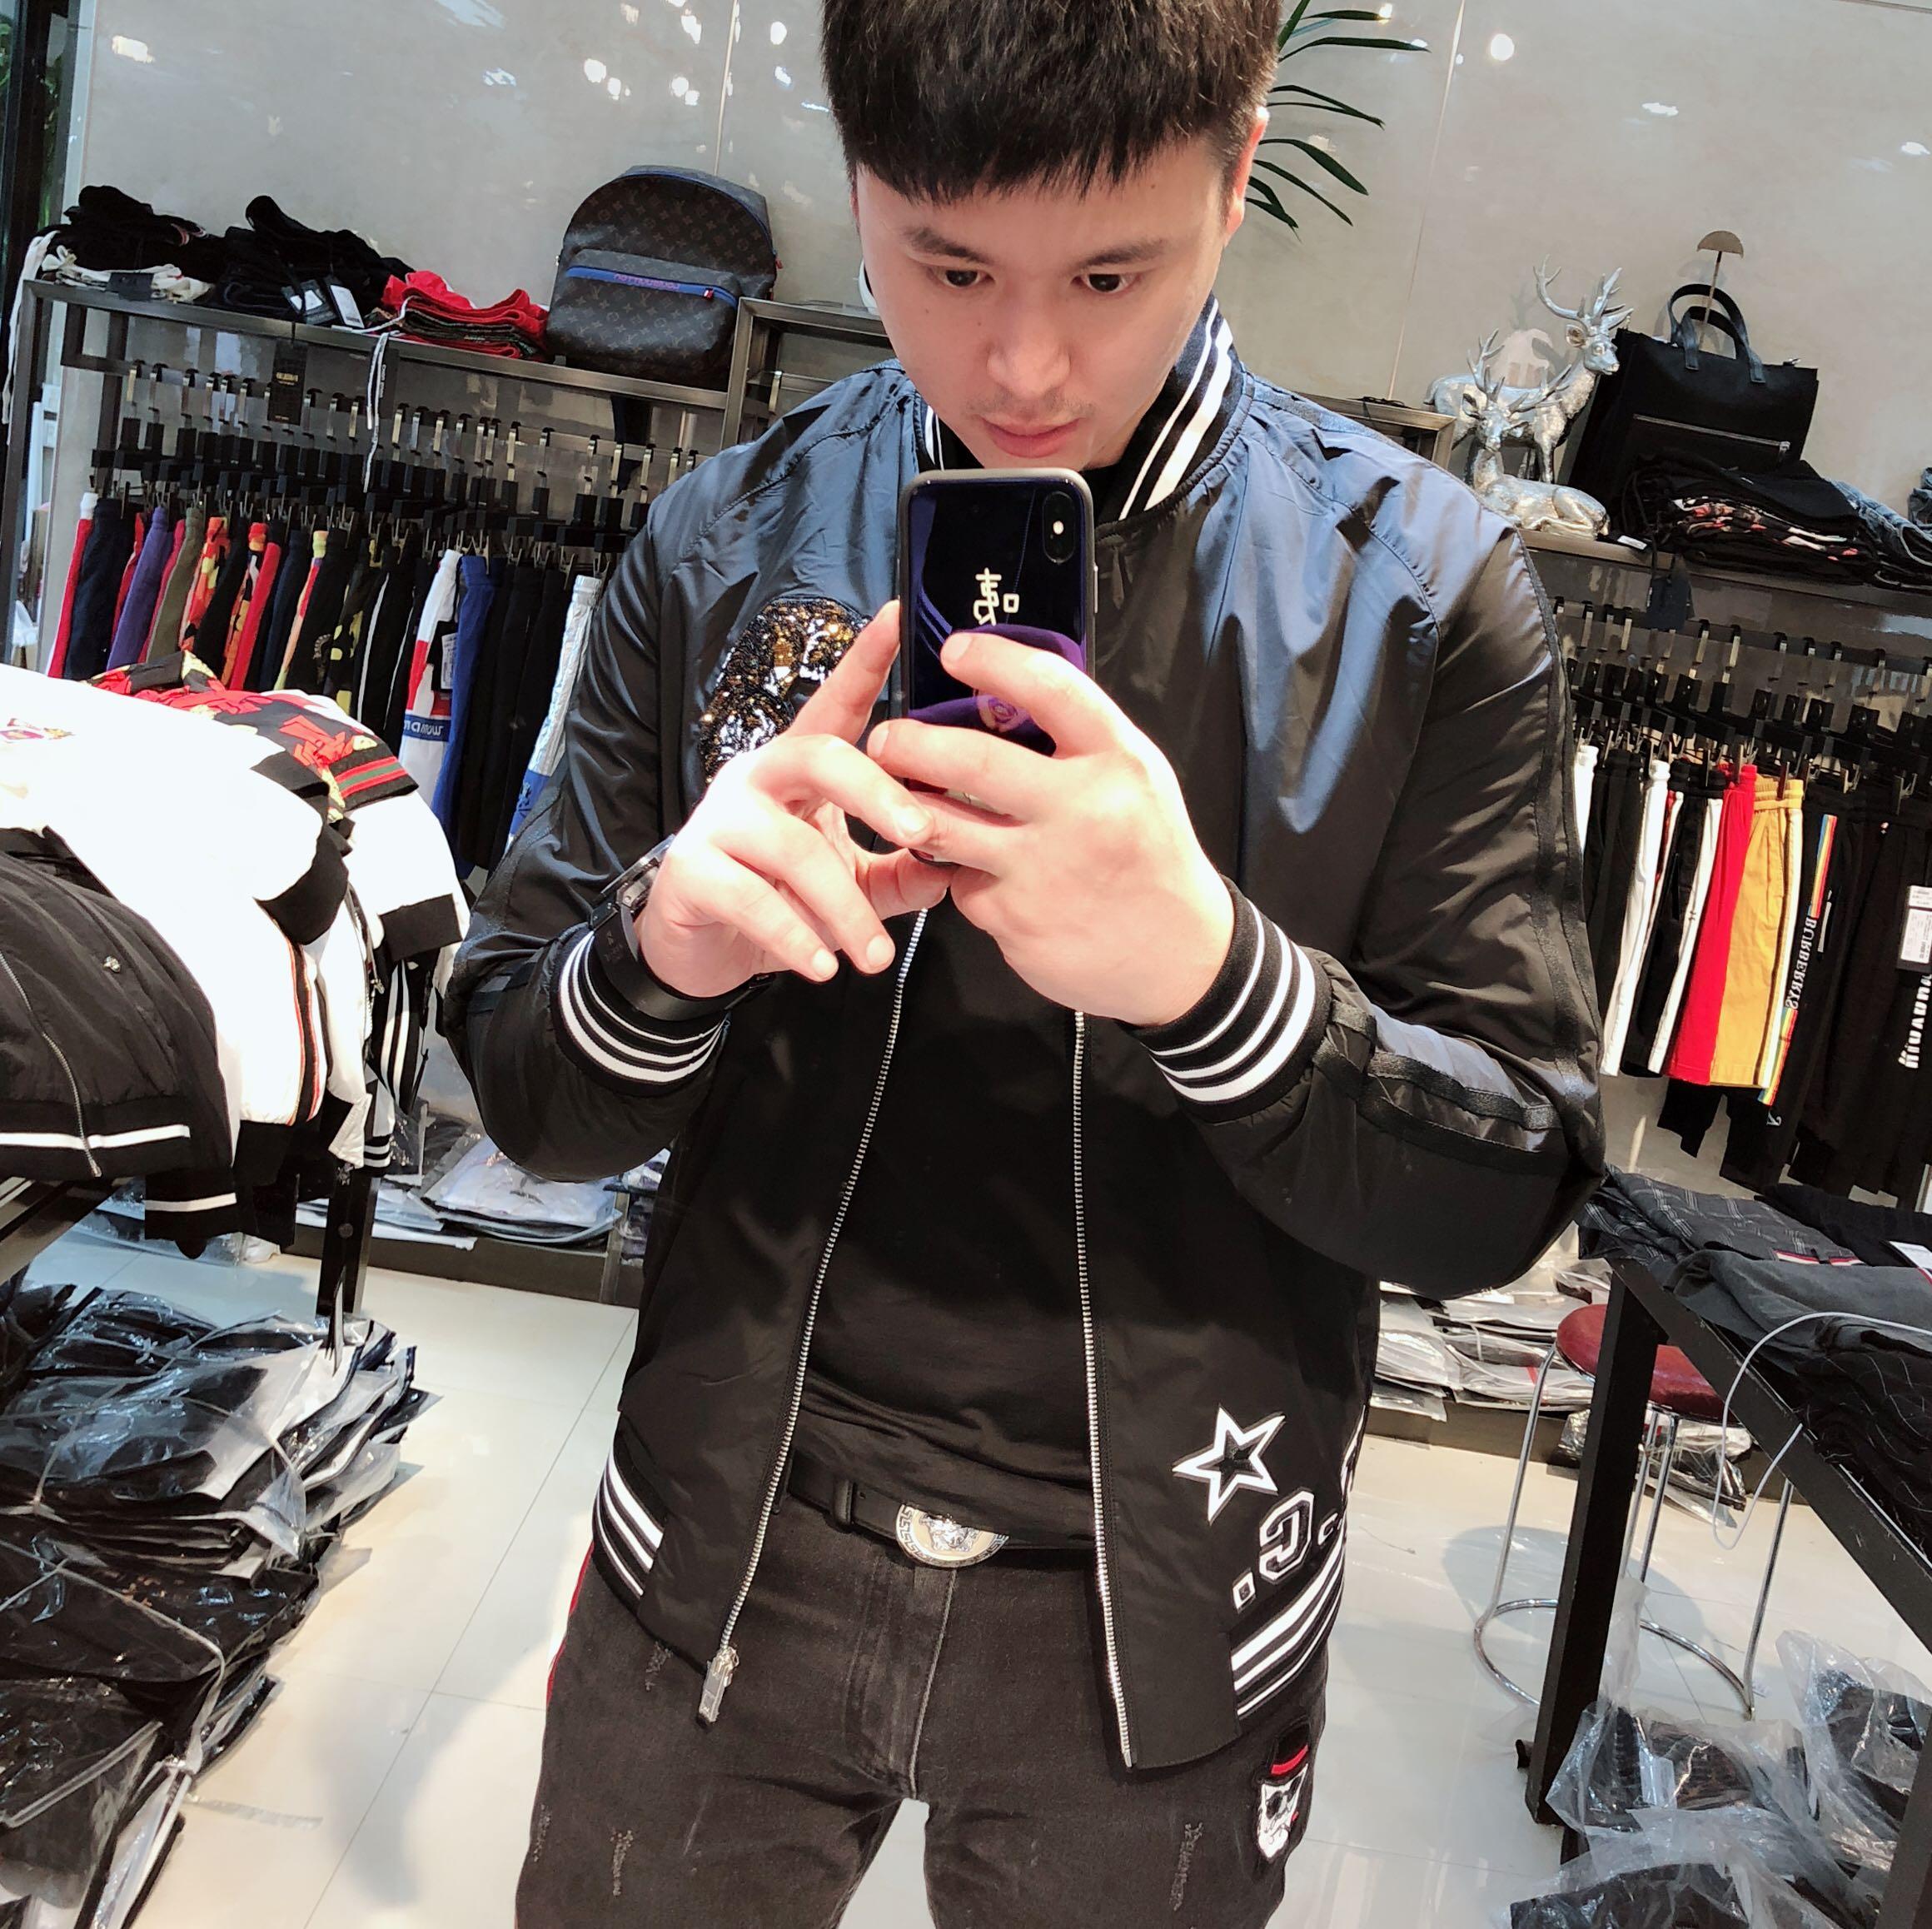 快手红人同款刺绣外套18秋季新款社会精神青年时尚潮流棒球领夹克